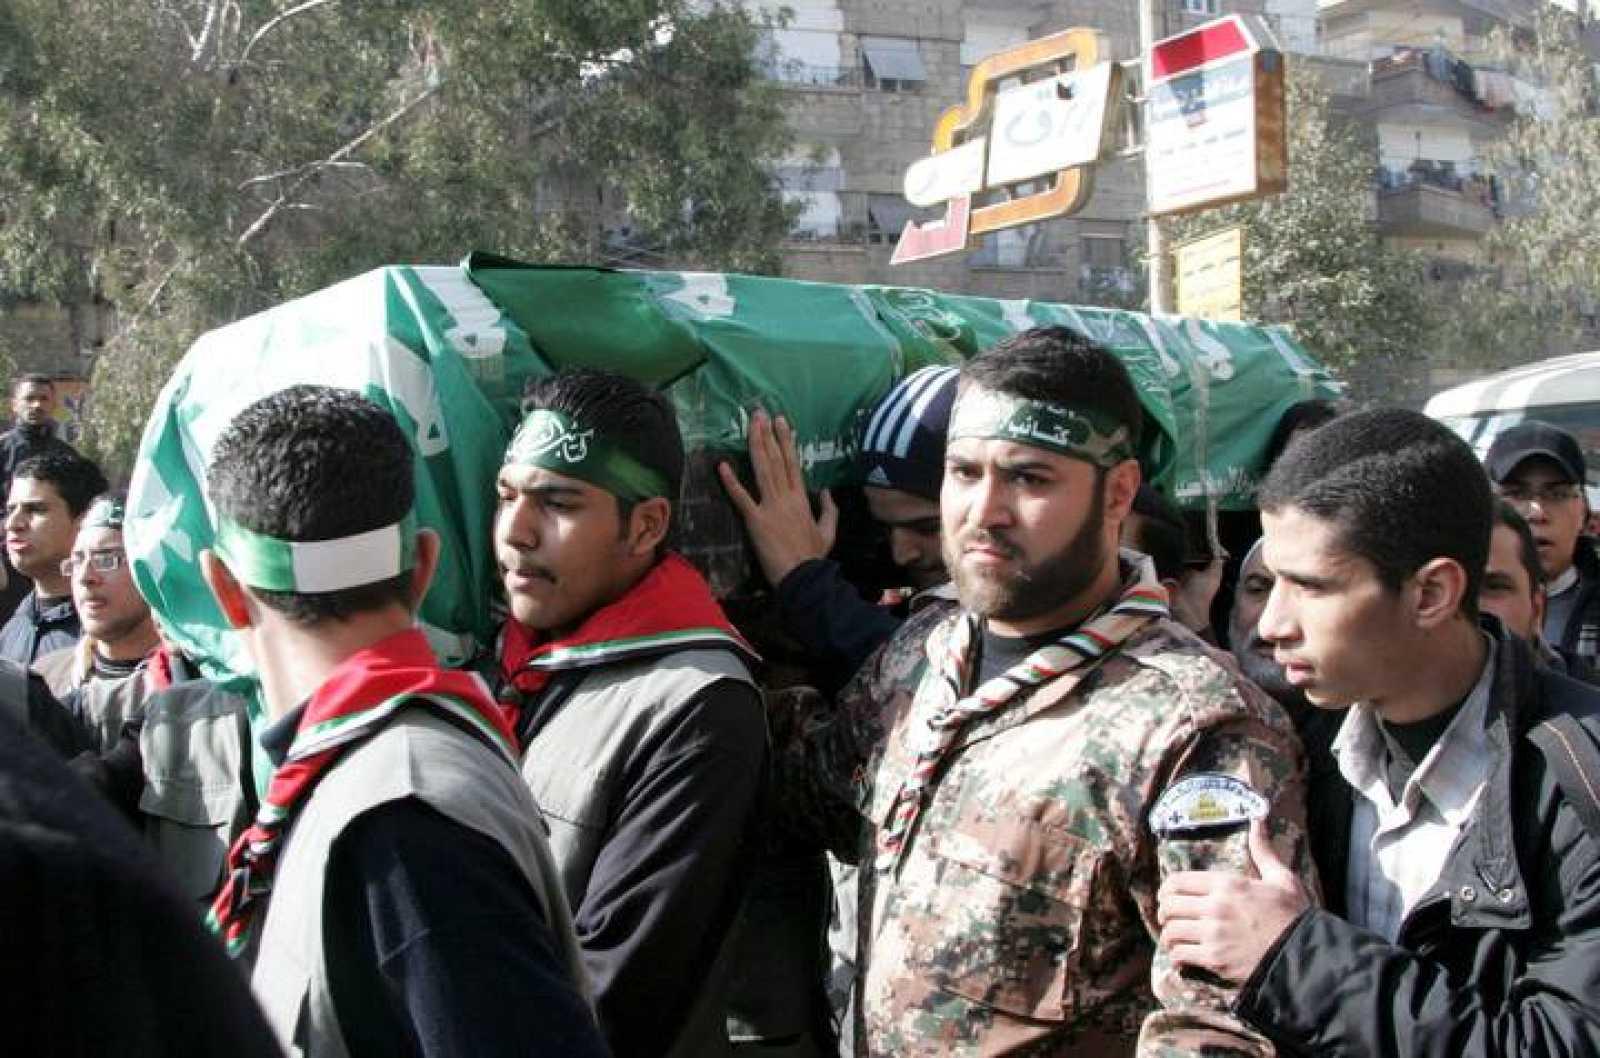 Miembros de Hamas portan el fértro del dirigente del movimiento palestino Hamás Mahmud Abdel Rauf al Mabhuh, asesinado el 20 de enero en Dubái, durante el fuenral en un campo de refugiados de Siria, hoy, viernes, 29 de enero de 2010. El cue